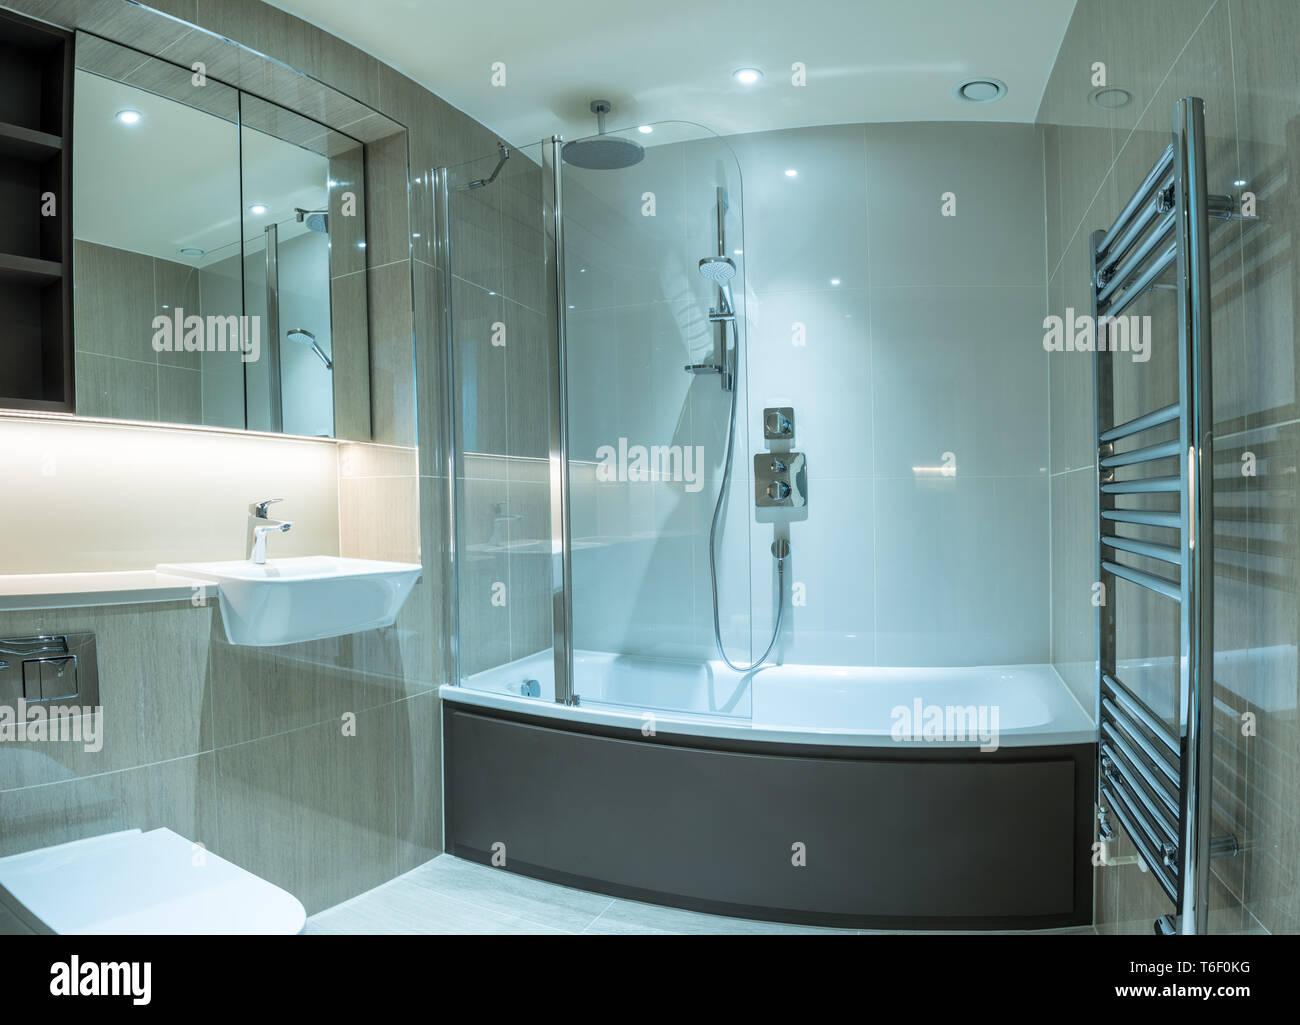 Modernes Badezimmer in der Wohnung mit Dusche Badewanne und ...